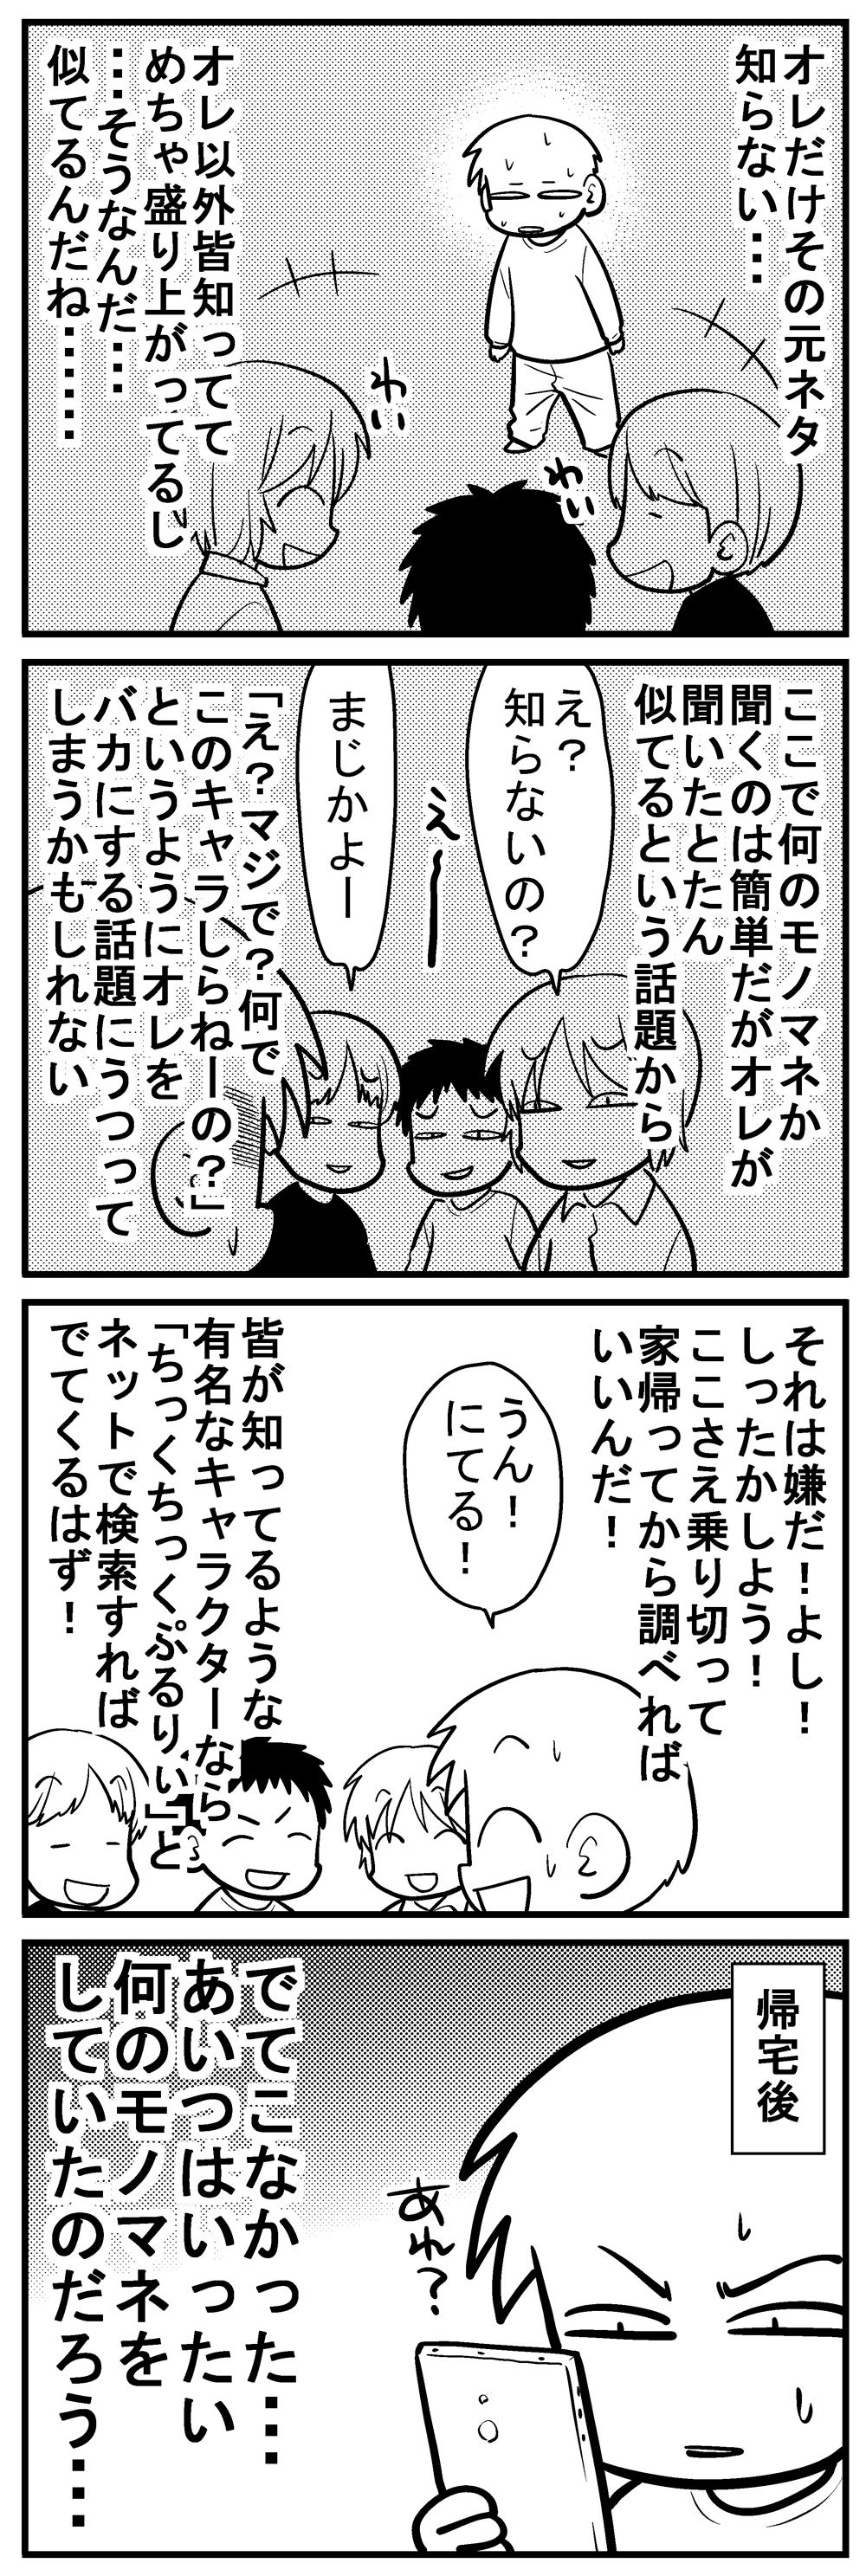 深読みくん121 2